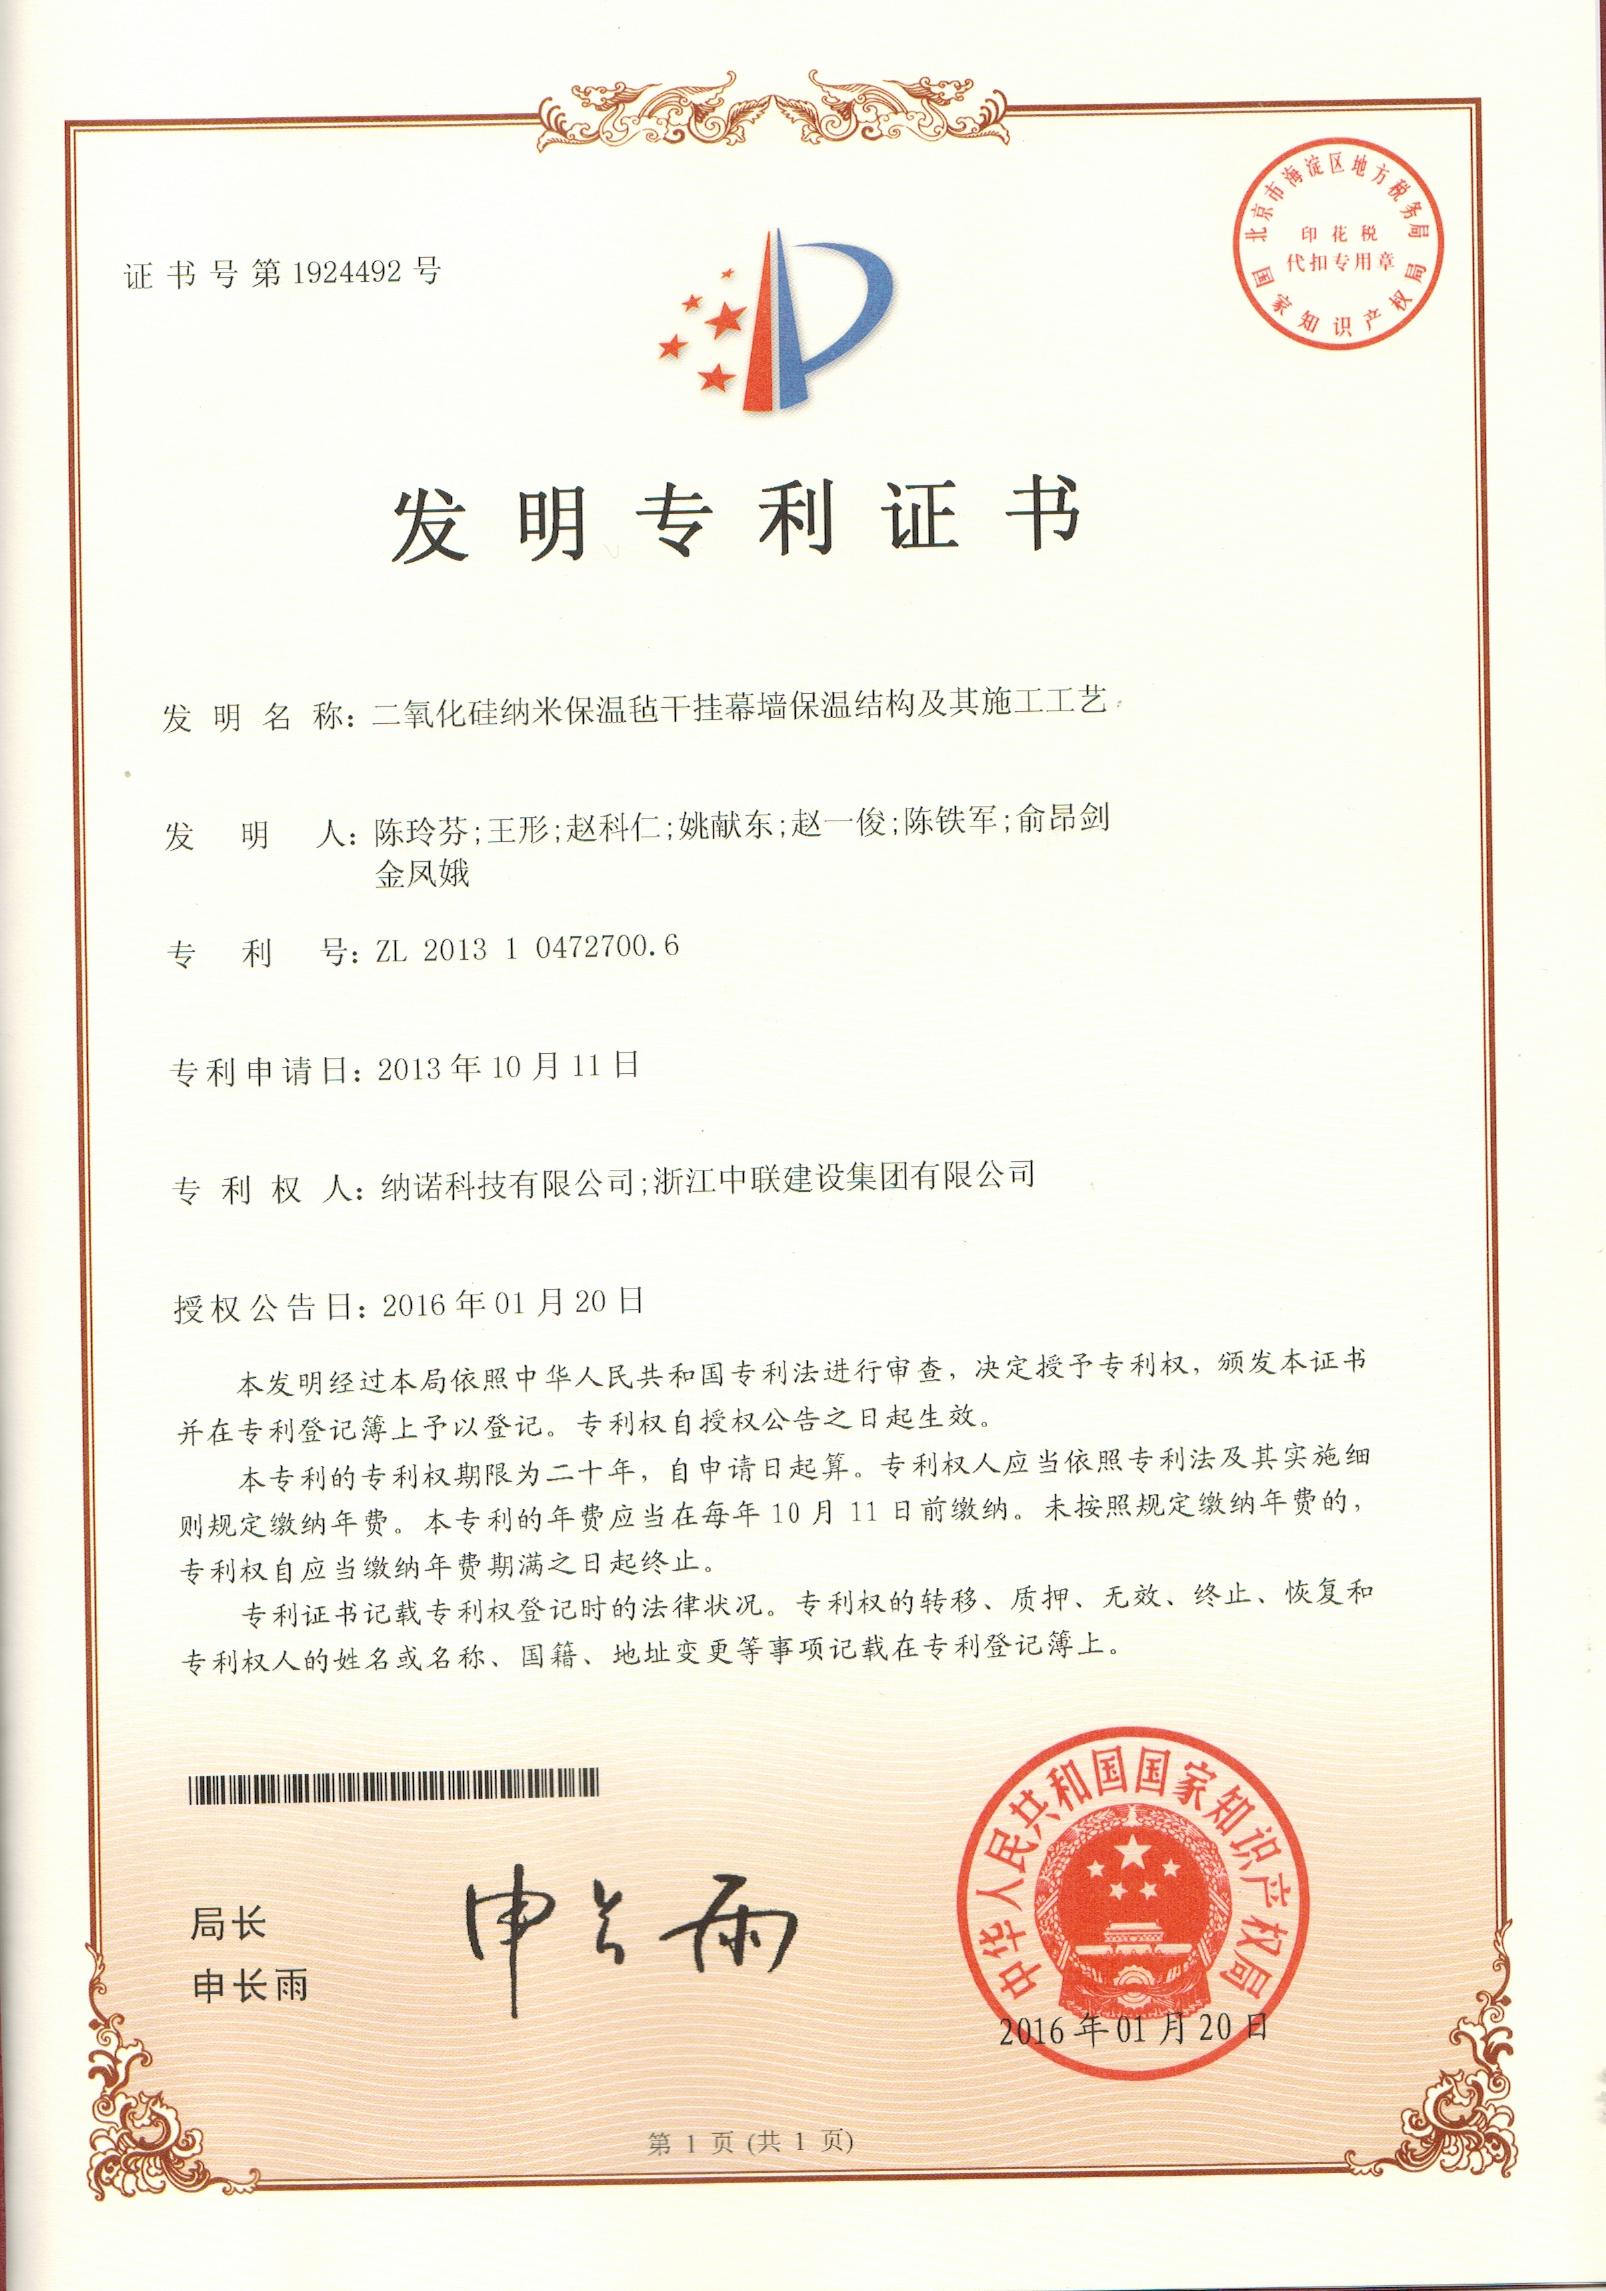 發明專利--二氧化硅納米保溫氈干掛幕墻保溫結構及其施工工藝